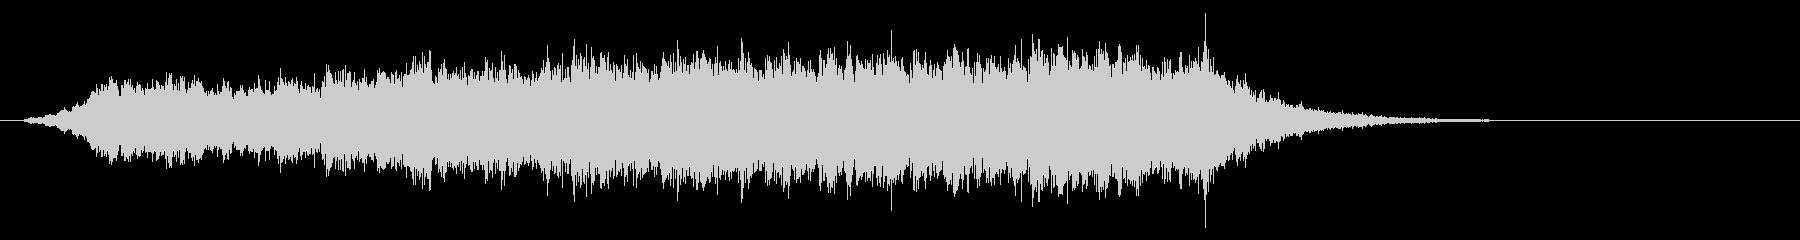 パソコンの起動音風ジングル2の未再生の波形